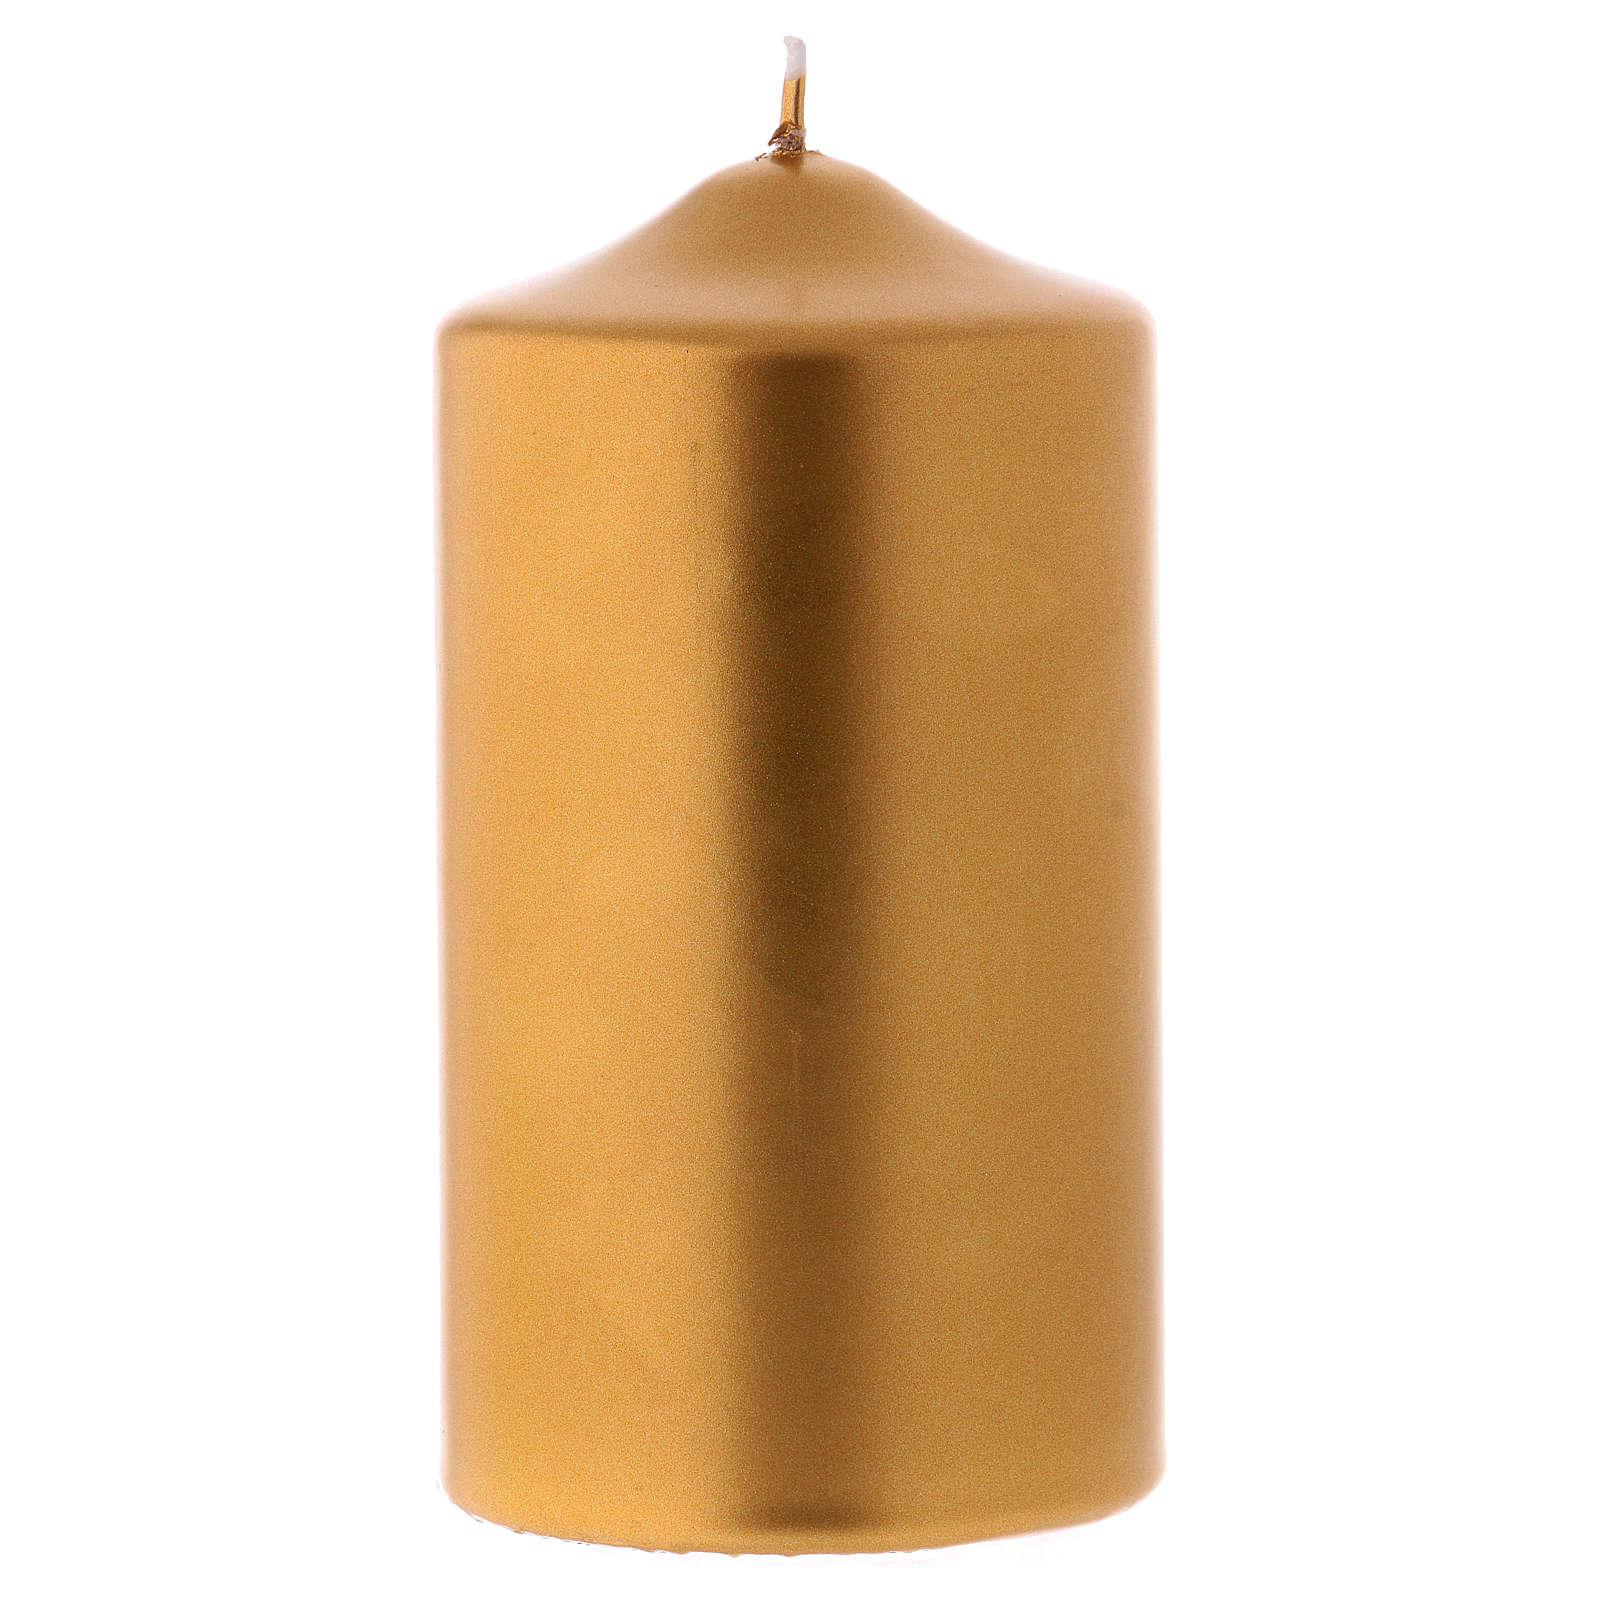 Vela de Natal acabamento metálico Ceralacca 15x8 cm ouro 3